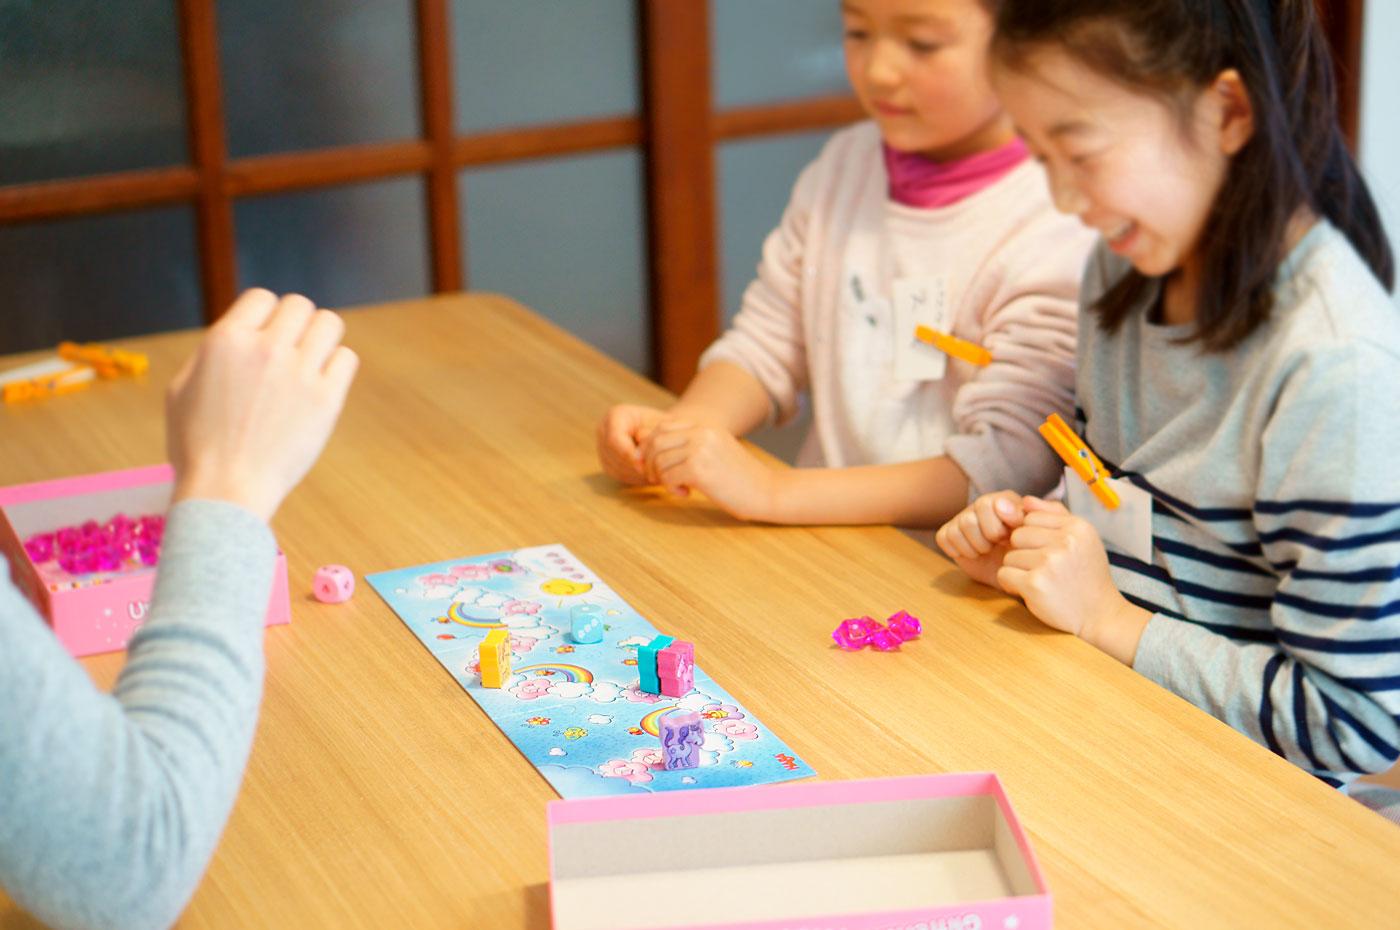 アナログゲームで育つ子どものちから